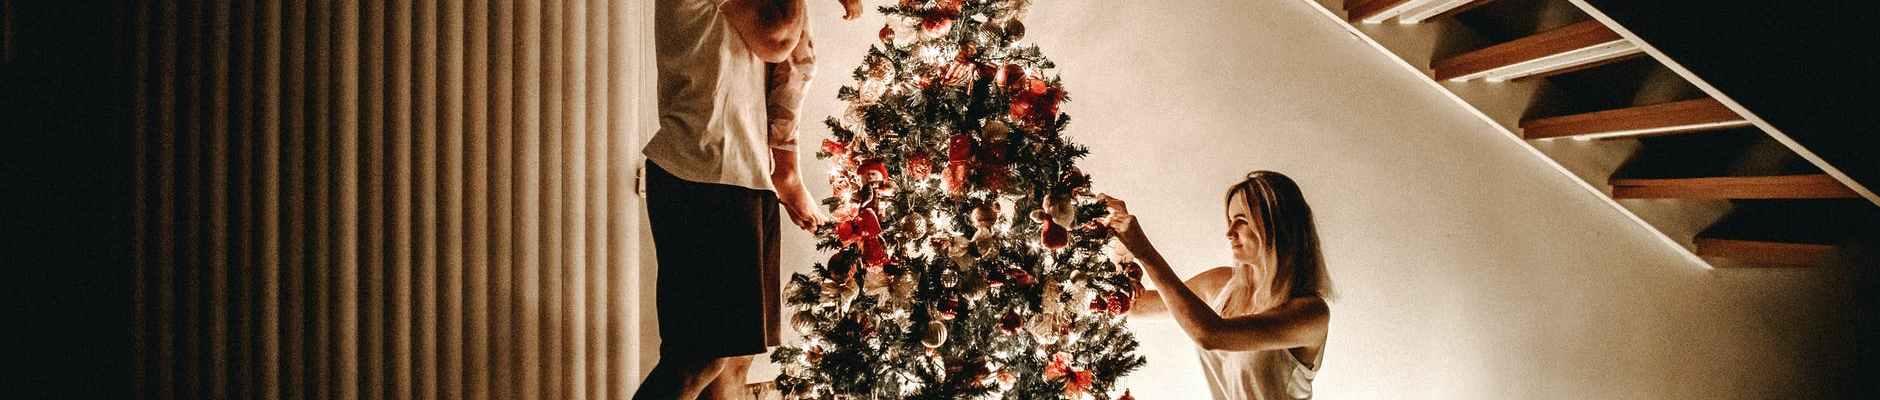 Ne traži dalje! Imamo najbolje božićne poklone za NJU & NJEGA, family decorating their christmas tree